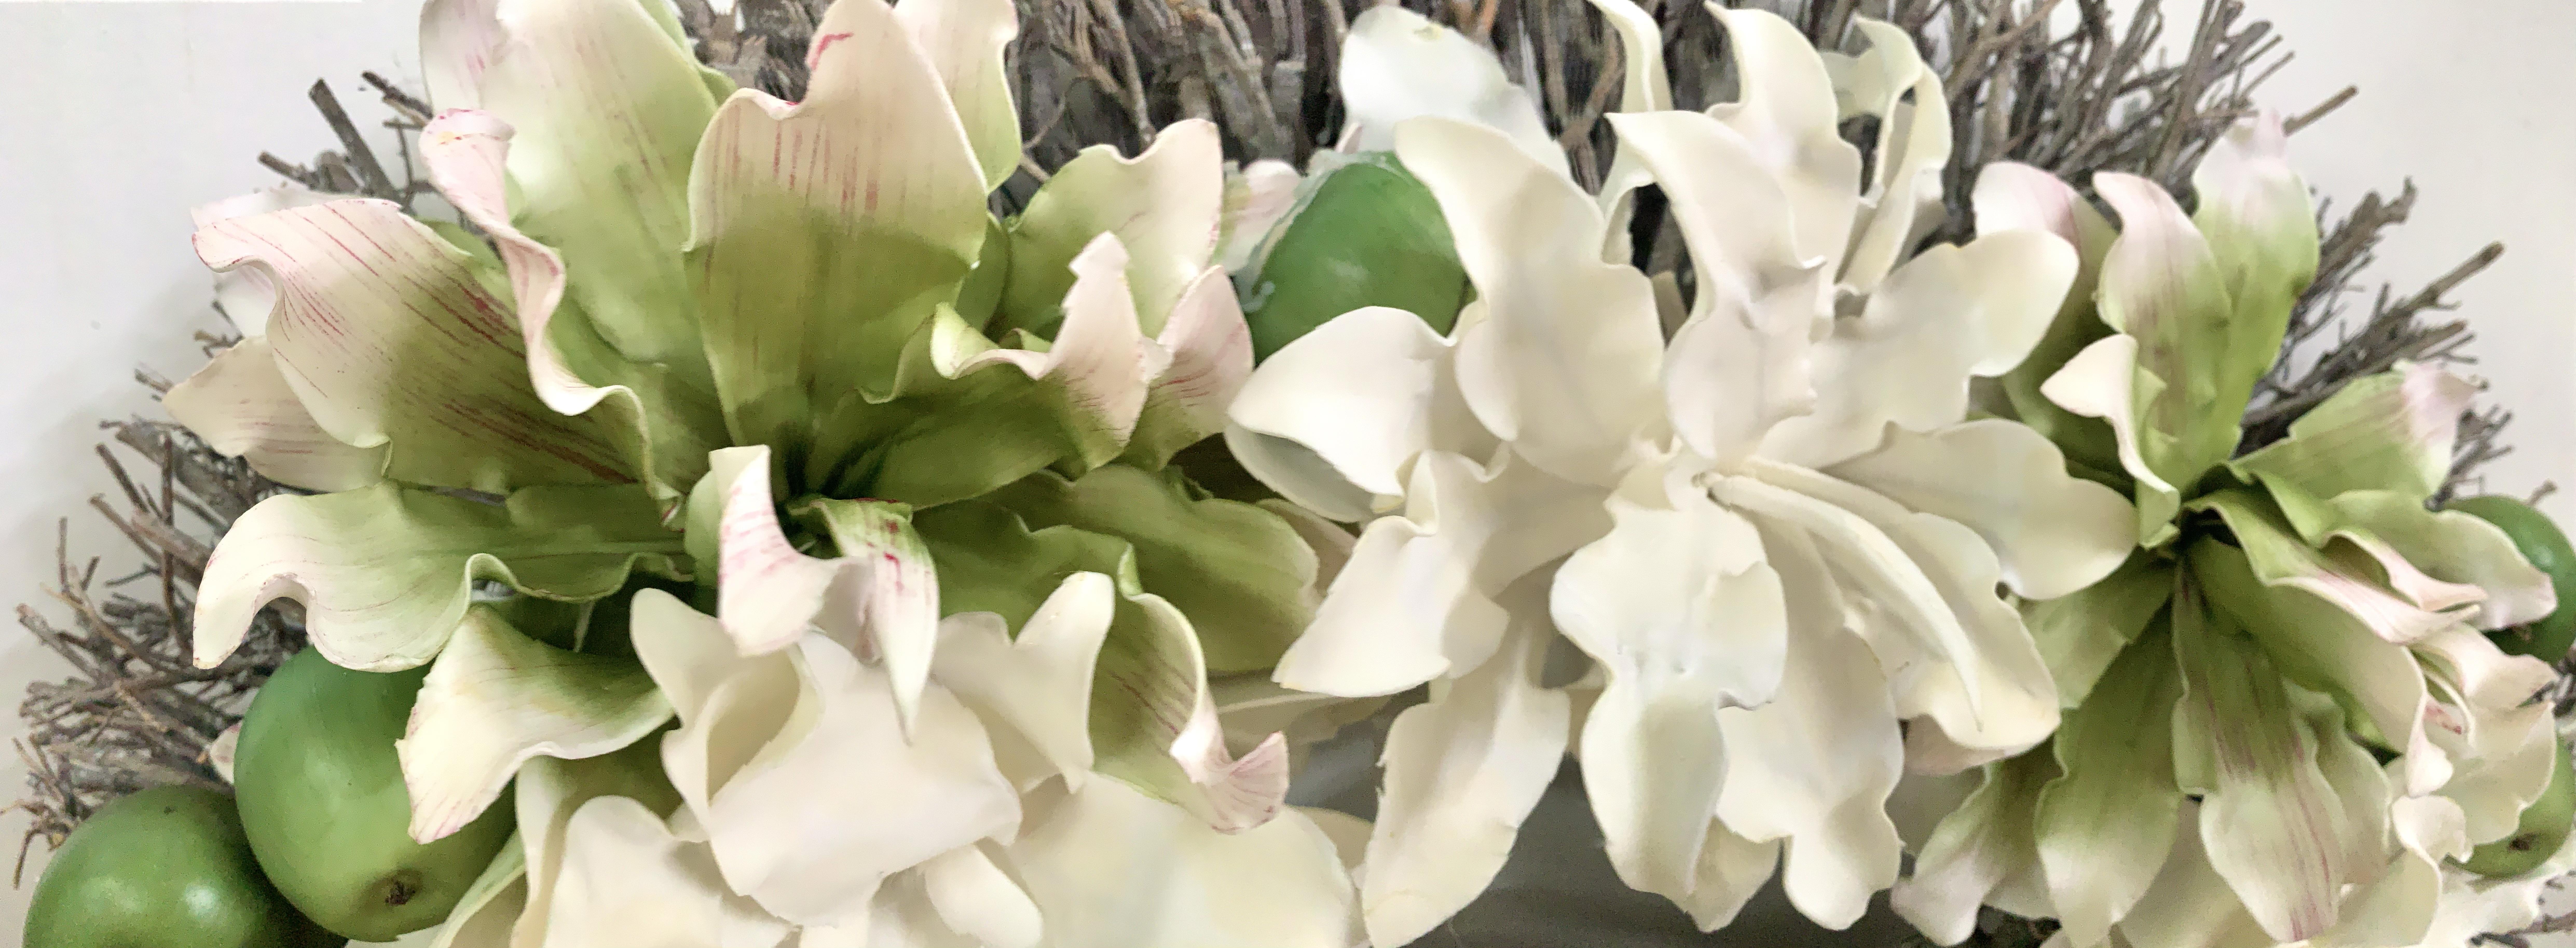 Kuenstliche Softflower Blumen bei H.Andreas kaufen